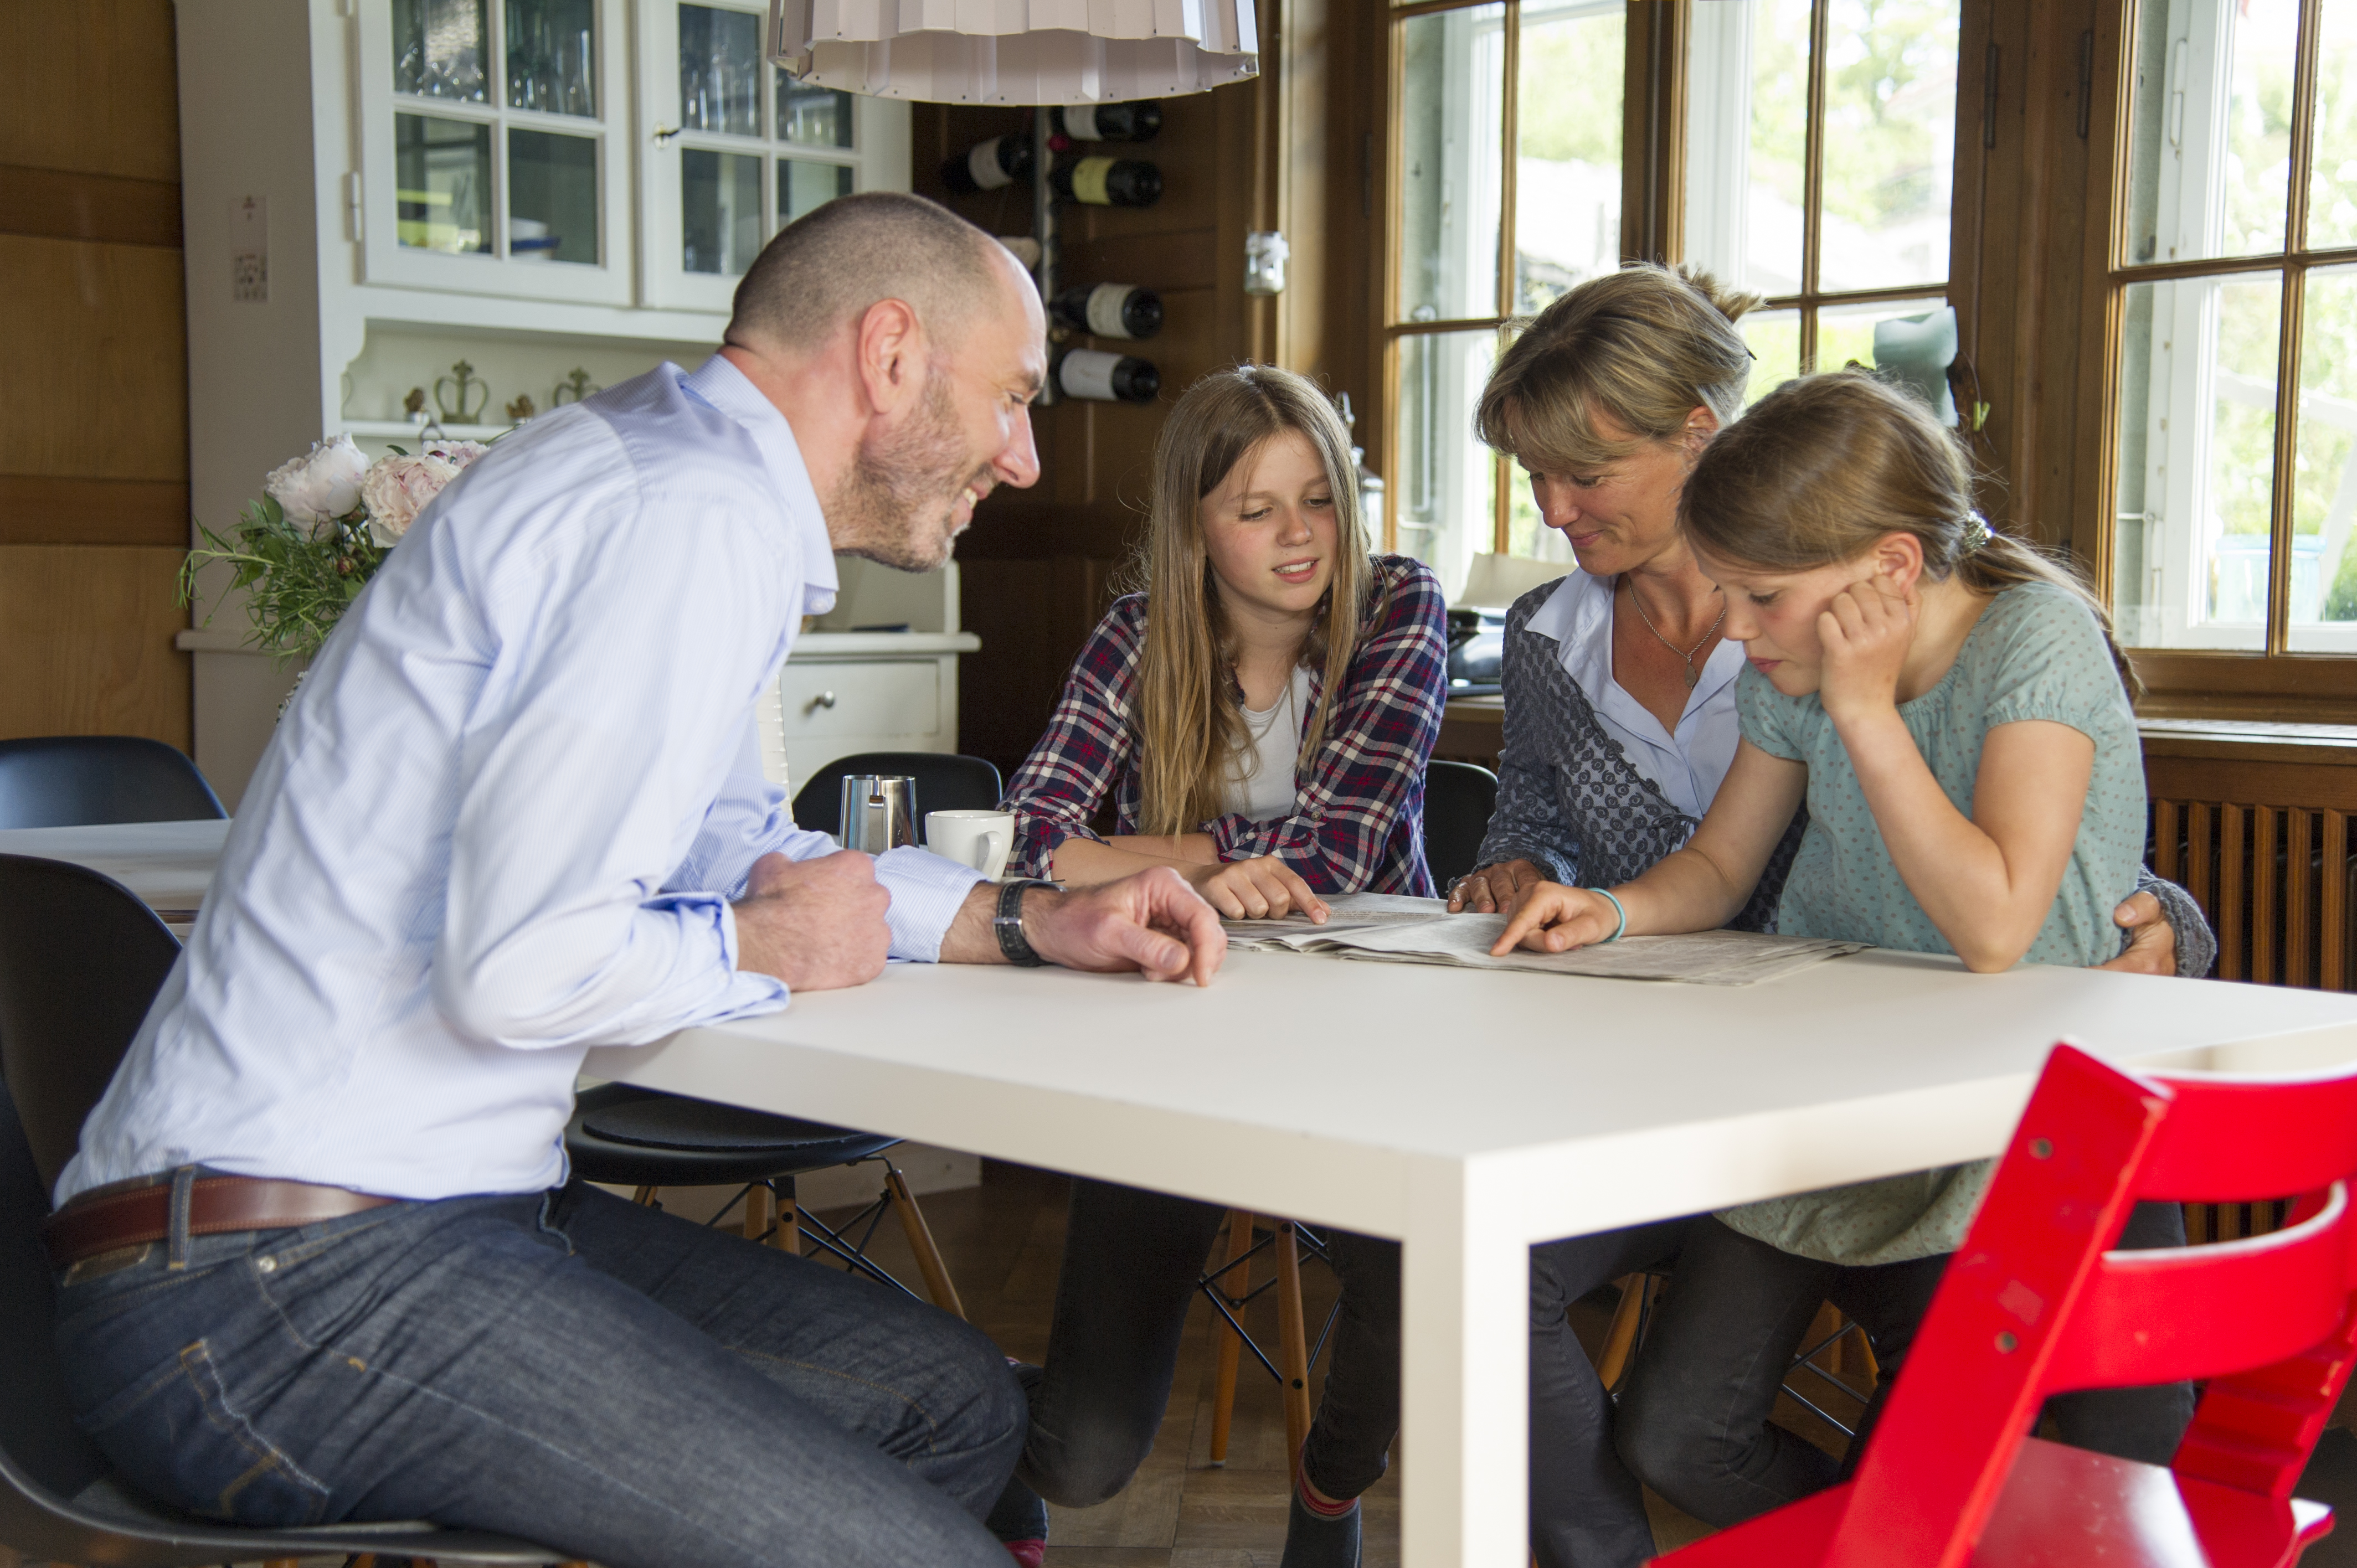 Die Familie diskutiert am Tisch immer wieder über digitale Ereignisse.